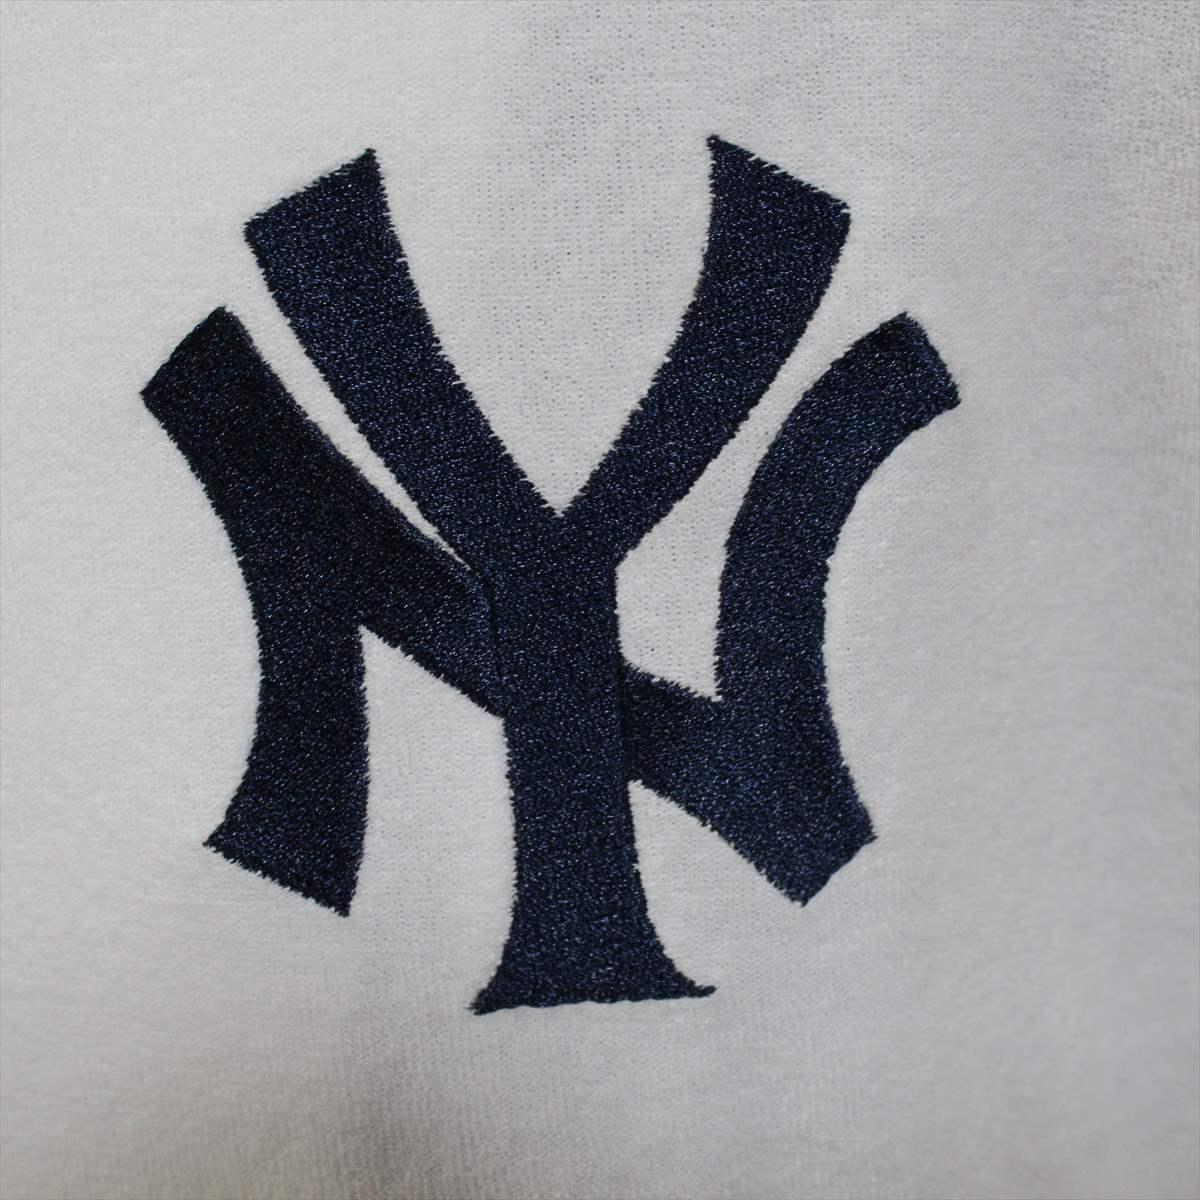 Majestic マジェスティック パーカー ホワイト Mサイズ 新品 白 ニューヨークヤンキース NEW YORK YANKEES フーディー フルジップ パイル地_画像3